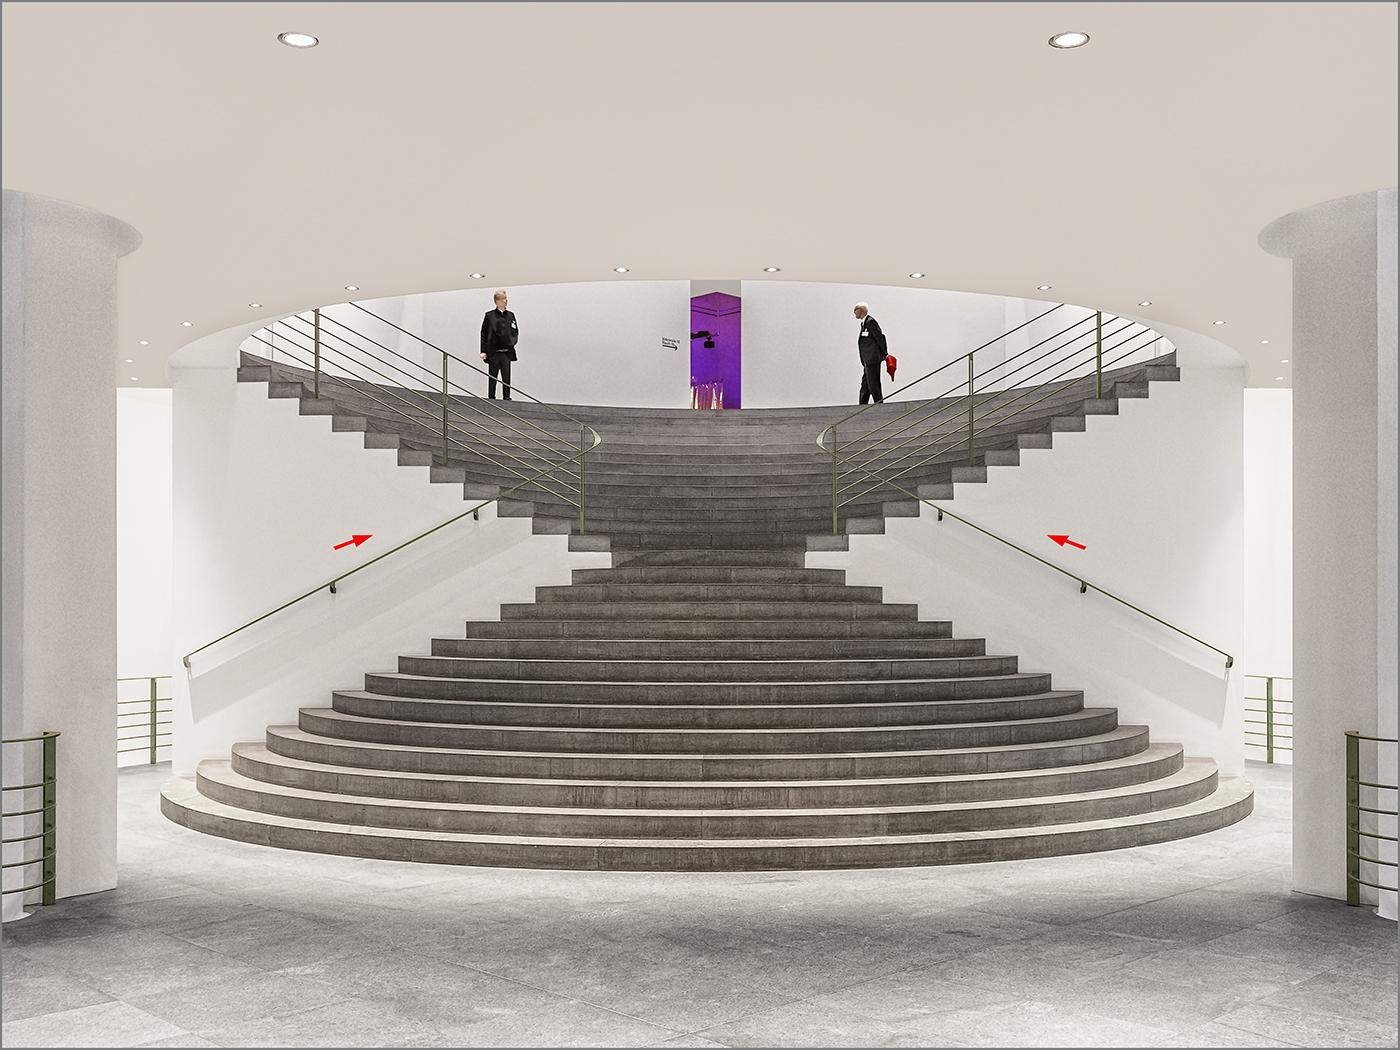 Diablo stairs in the Kunstmuseum in Bonn, Germany